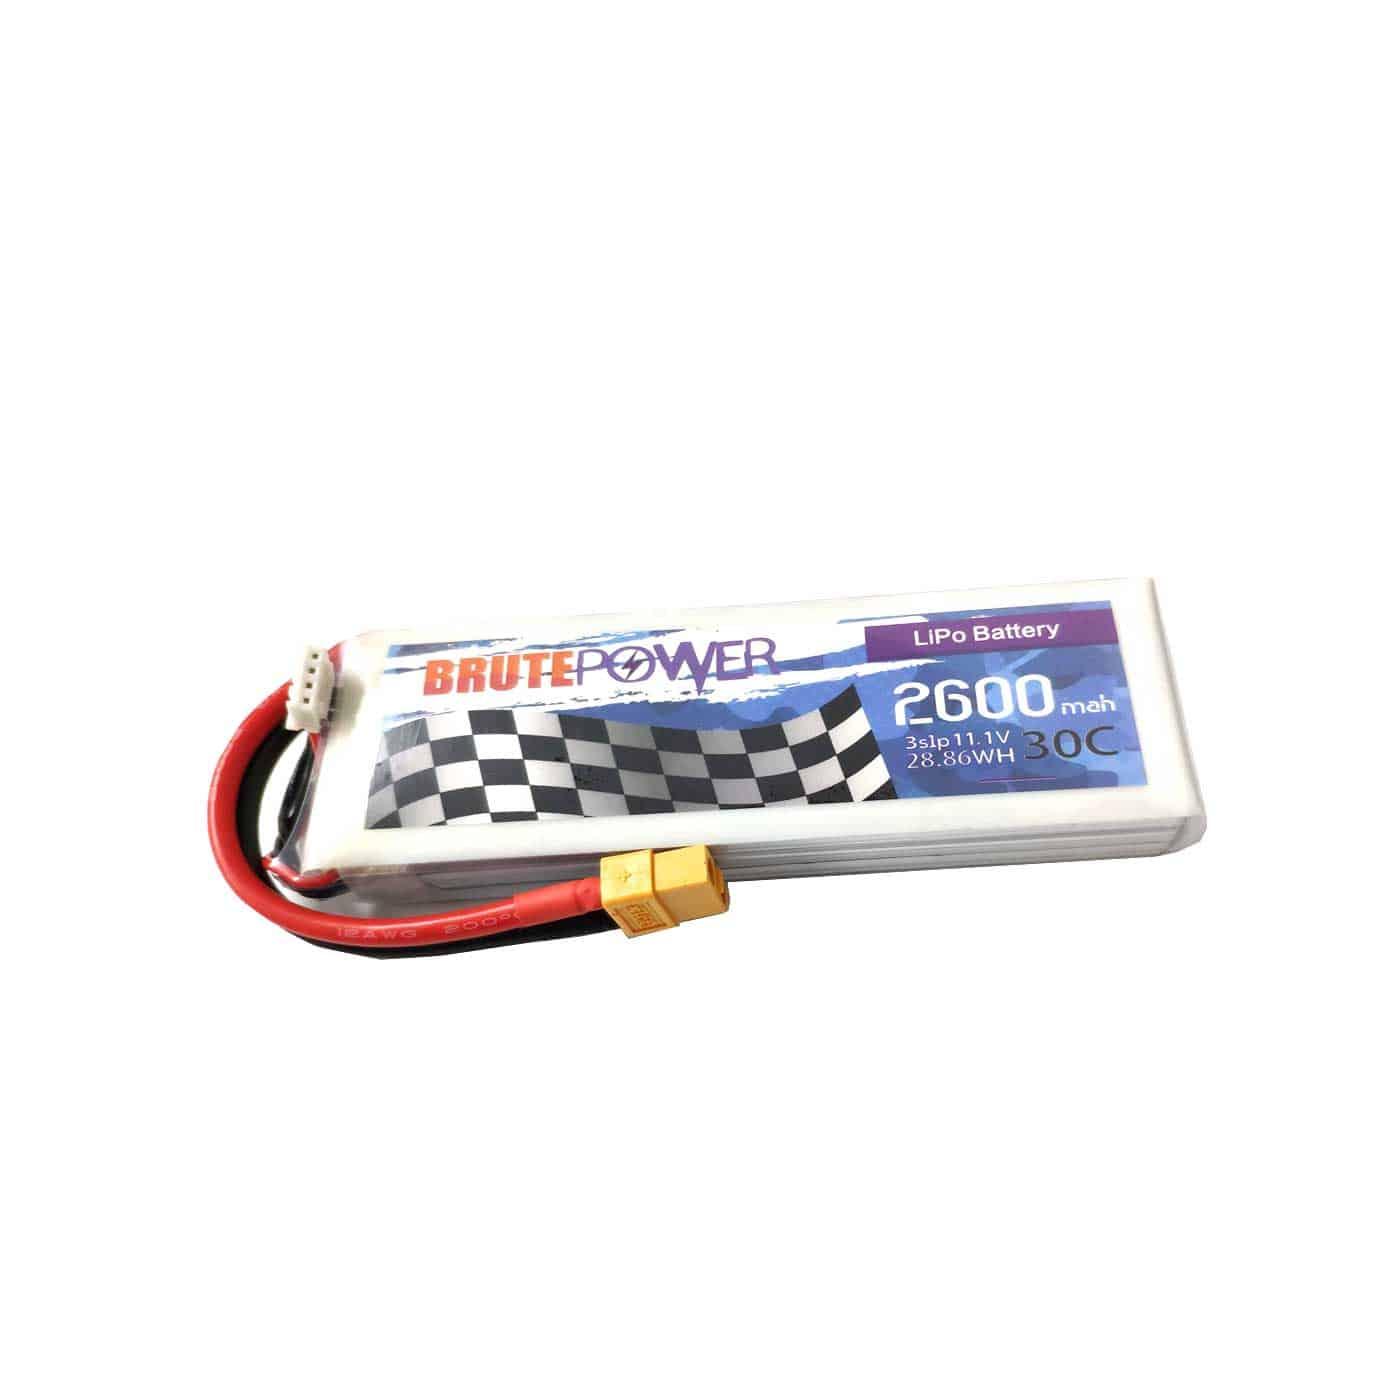 batería lipo 3s 2600mah